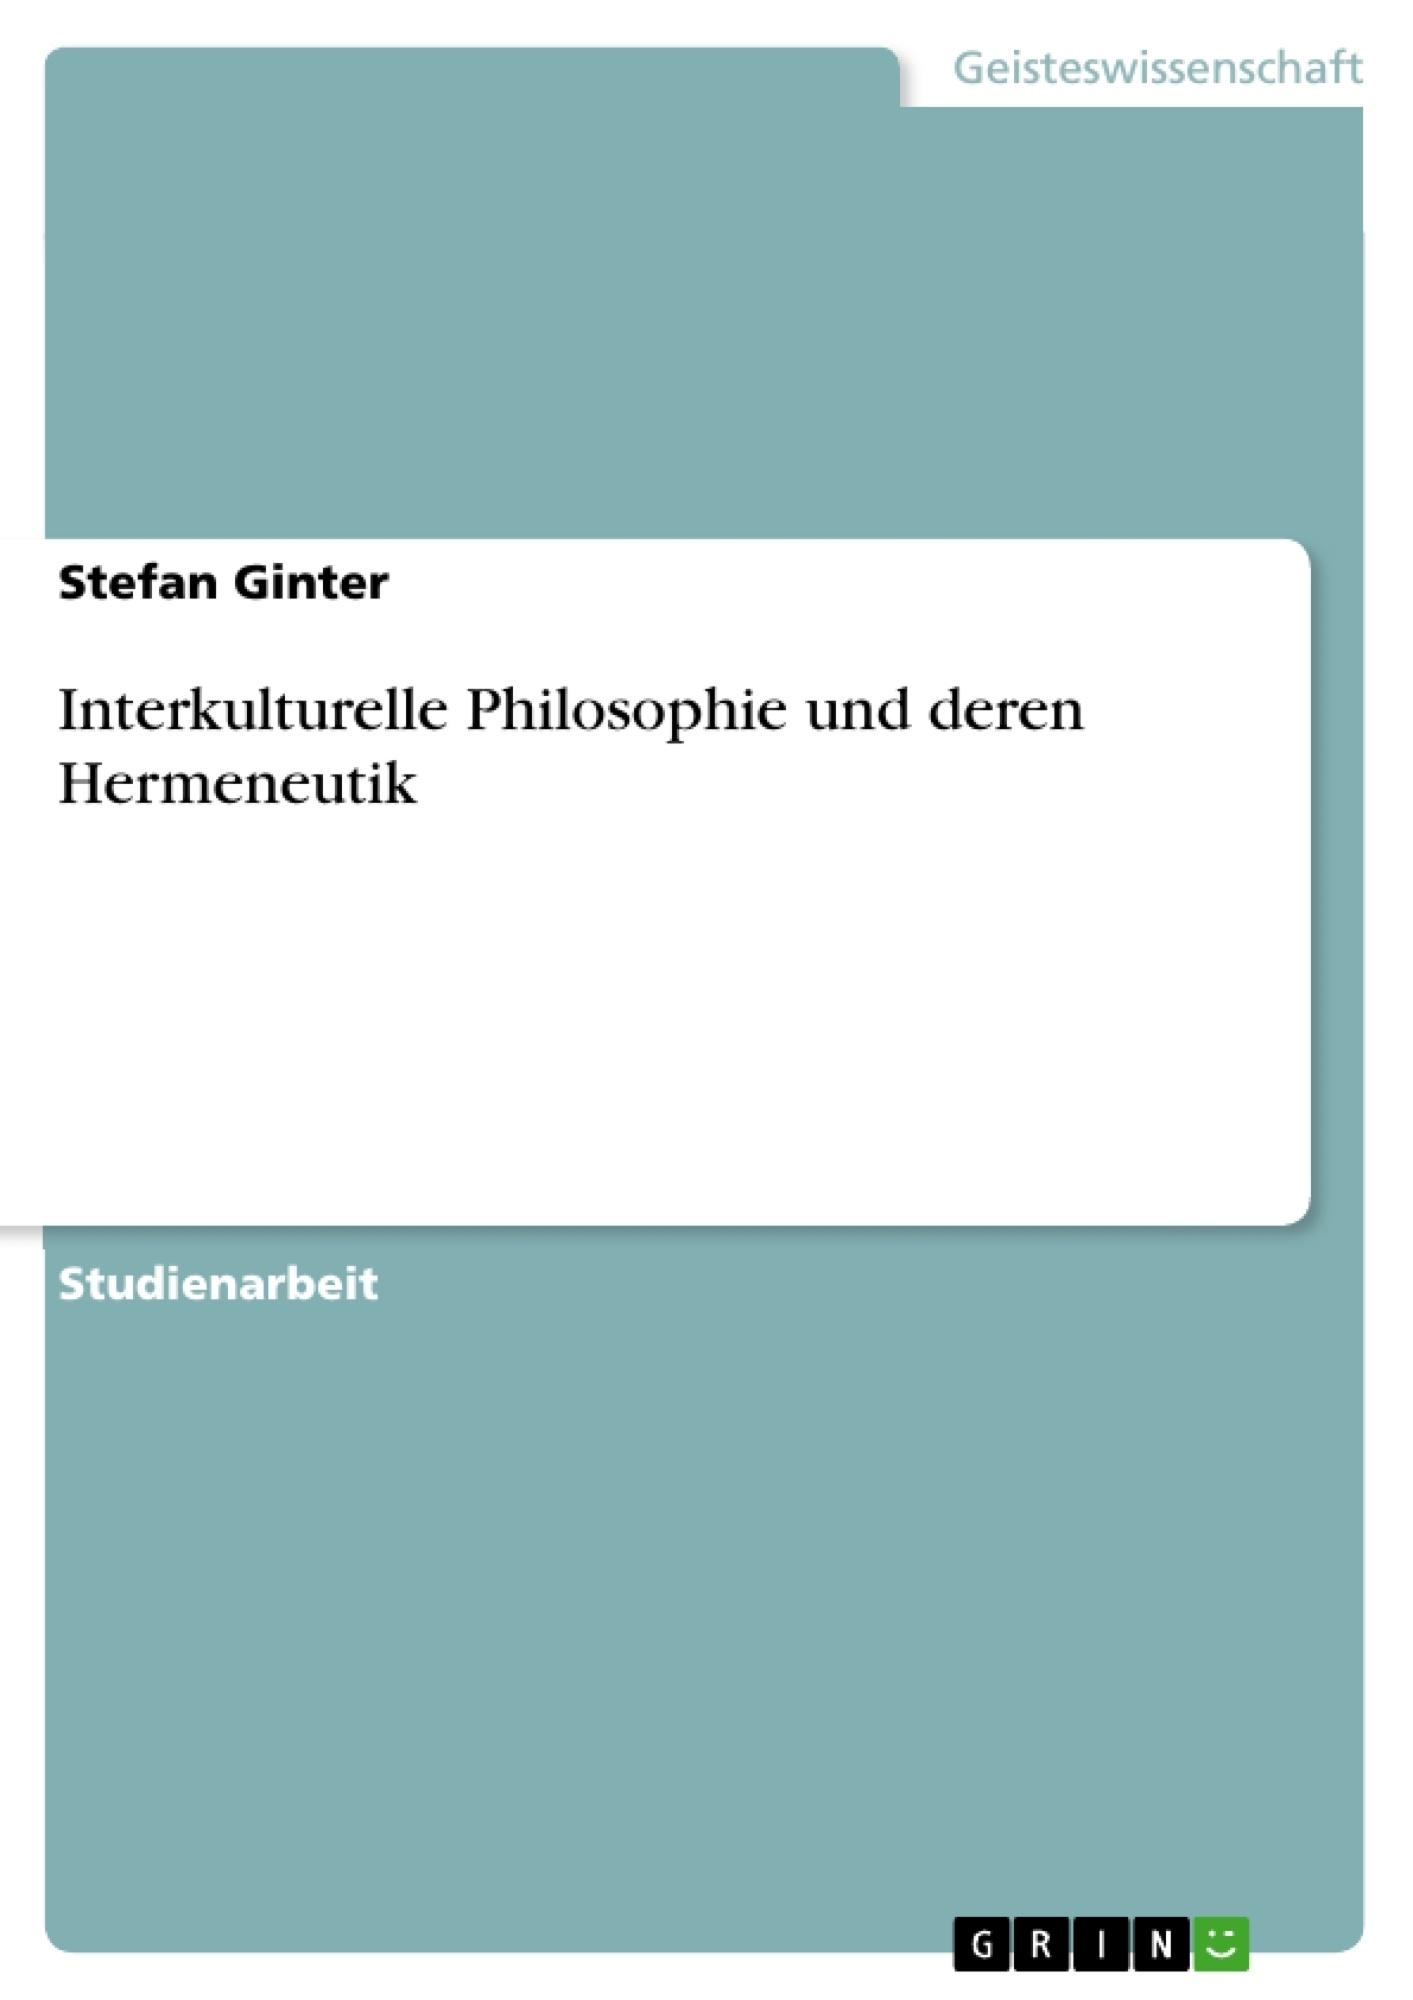 Titel: Interkulturelle Philosophie und deren Hermeneutik